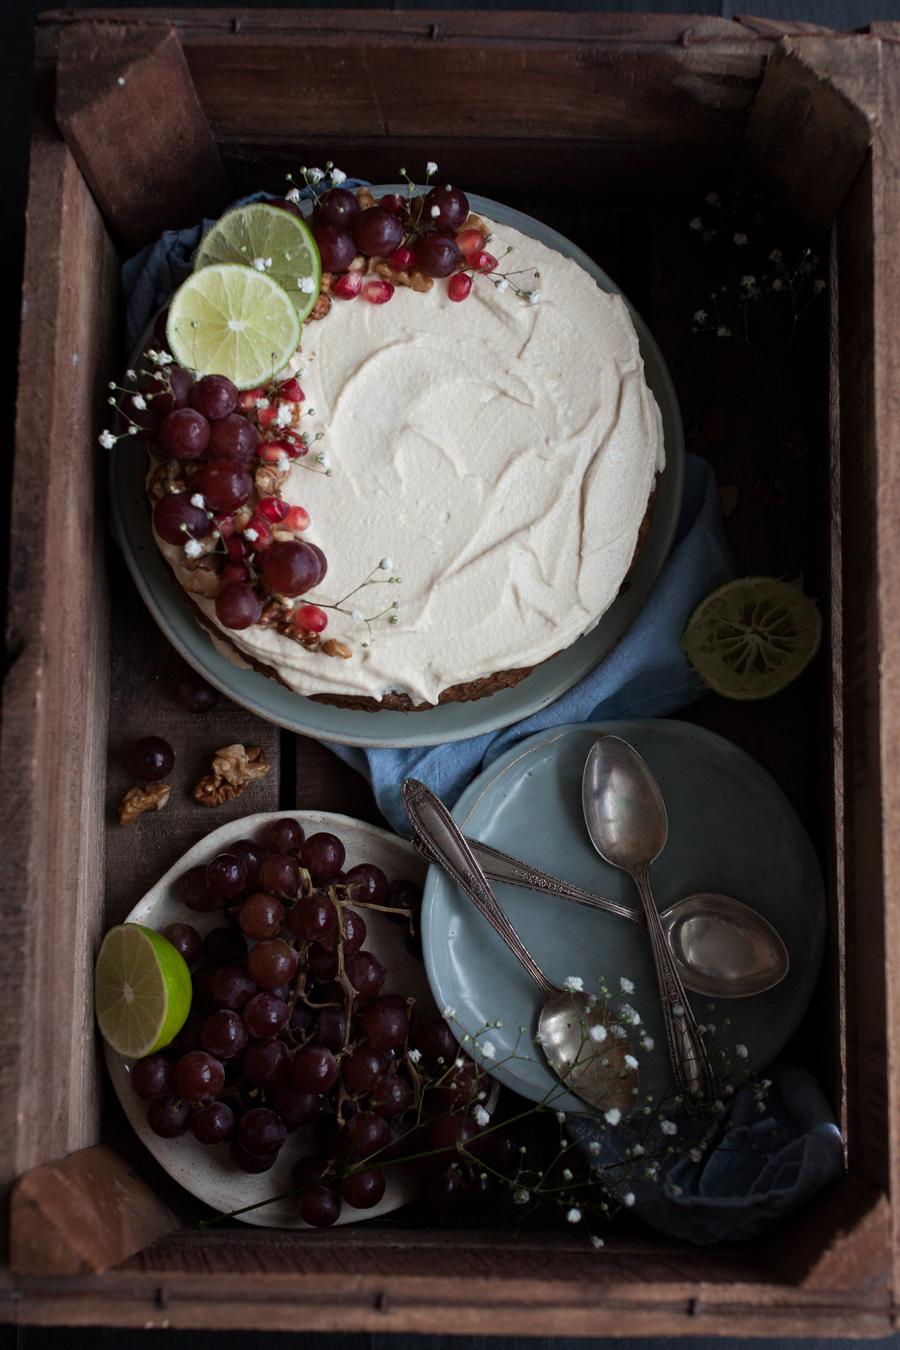 rustic-vegan-carrot-cake-image